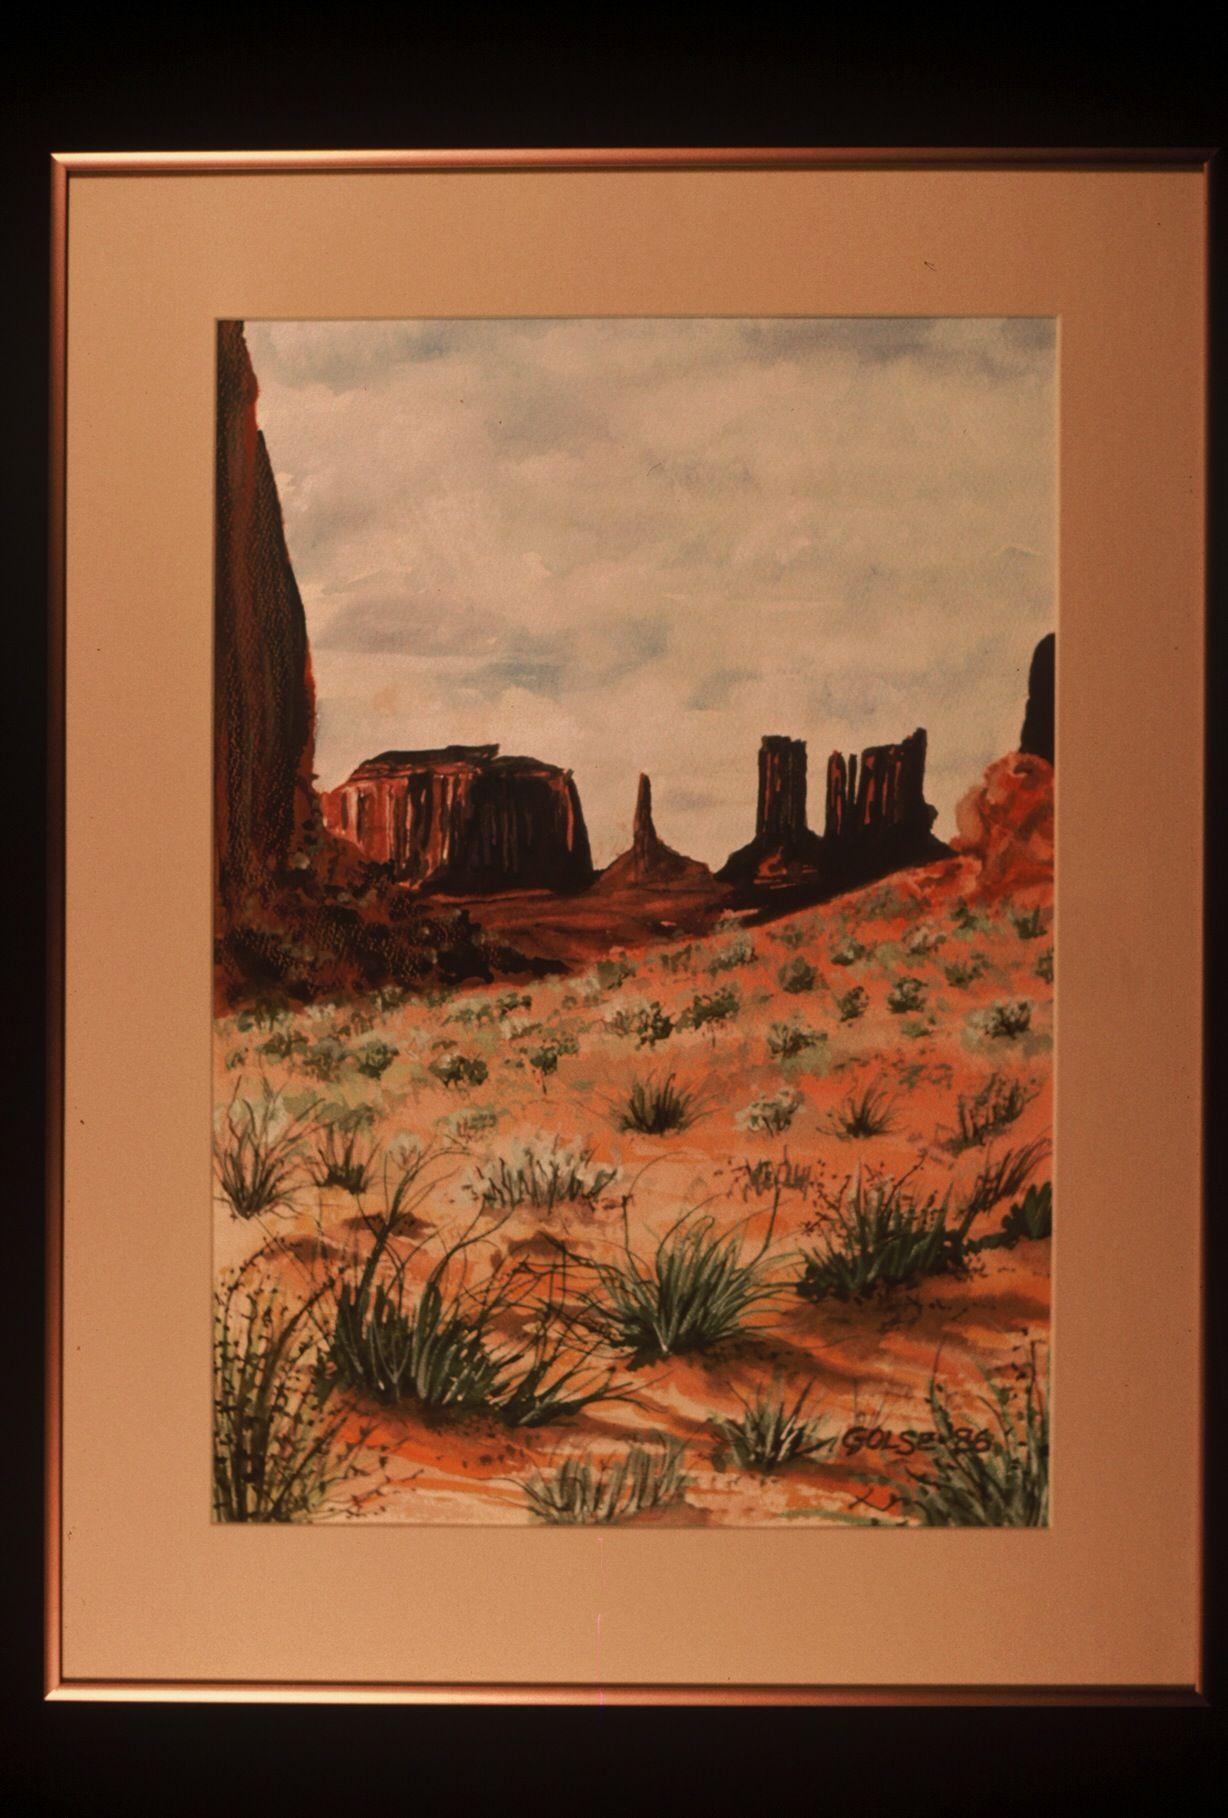 Arizona Desert. 1986. Artist: Steve Golse.